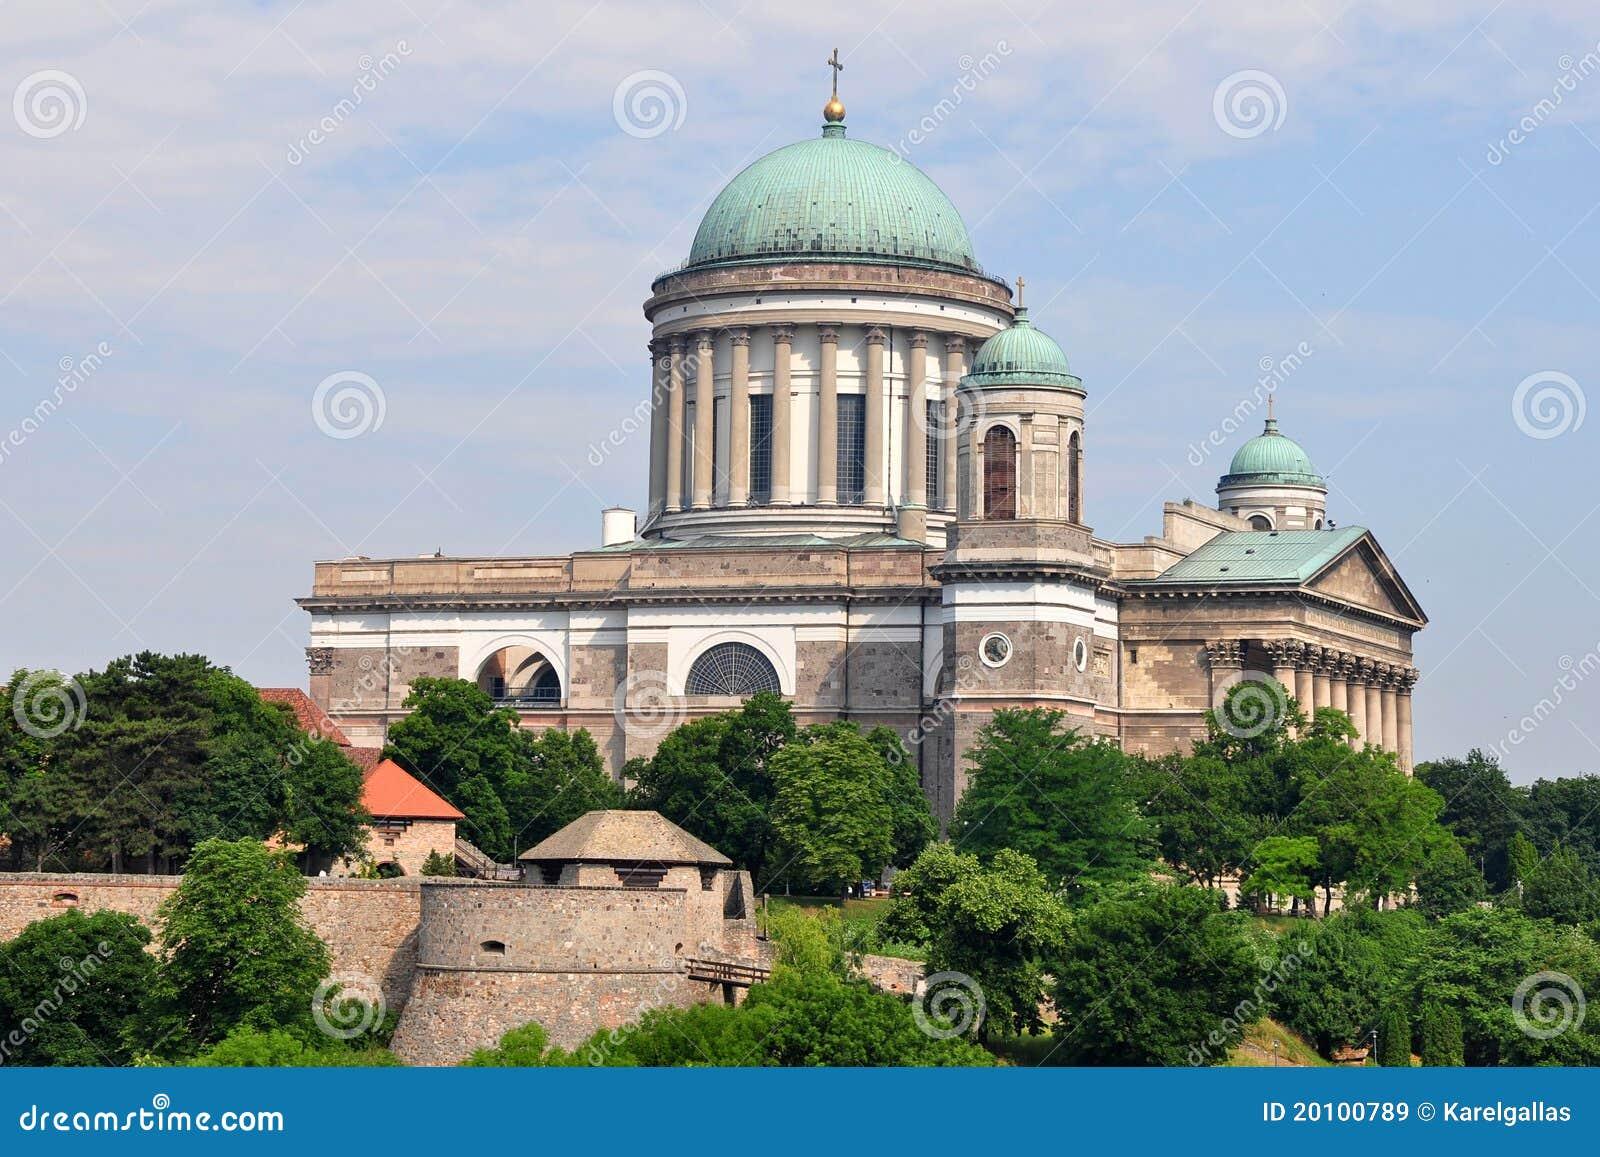 Esztergom Hungary  city images : Basilica Esztergom ,Hungary Royalty Free Stock Images Image ...